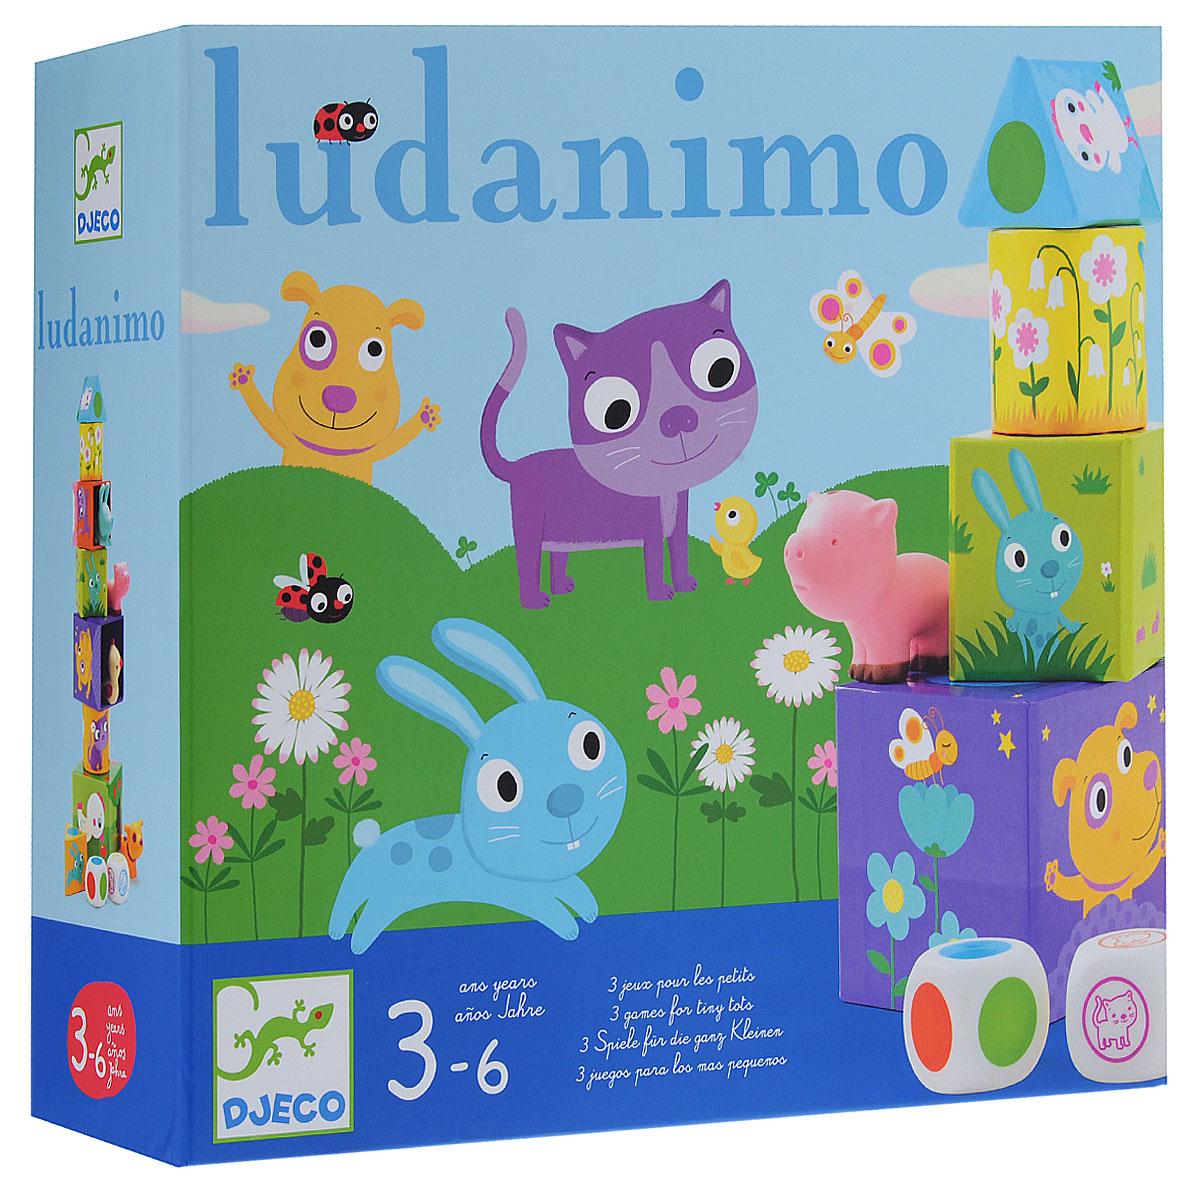 Djeco Настольная игра Люданимо08420Настольная игра Djeco Люданимо позволит вашему ребенку самостоятельно построить свой собственный городок и поселить в нем забавных животных. В дальнейшем сюжет игры будет развиваться по желанию малыша. Комплект игры включает 15 коробочек (6 круглых, 5 квадратных, 4 треугольных), 6 фигурок животных (курочка, свинка, зайчик, коровка, кошечка, собачка), два кубика и иллюстрированные правила игры на русском языке. Возможны три варианта игры: Прогулка животных, Прятки, Тарарах у животных. Малыш будет прятать фигурки животных под коробочками или ставить их сверху, строить пирамидки и свое игровое поле и многое другое. Кубики и фигурки выполнены из мягкого пластика, коробочки - из прочного картона. Красочные элементы игры понравятся вашему ребенку и обязательно поднимут настроение и ему, и окружающим. Игра поможет малышу сконцентрировать свое внимание, развивать пальчики рук, вырабатывать правильное мышление. Рекомендуемый возраст: от 3 до 6 лет.